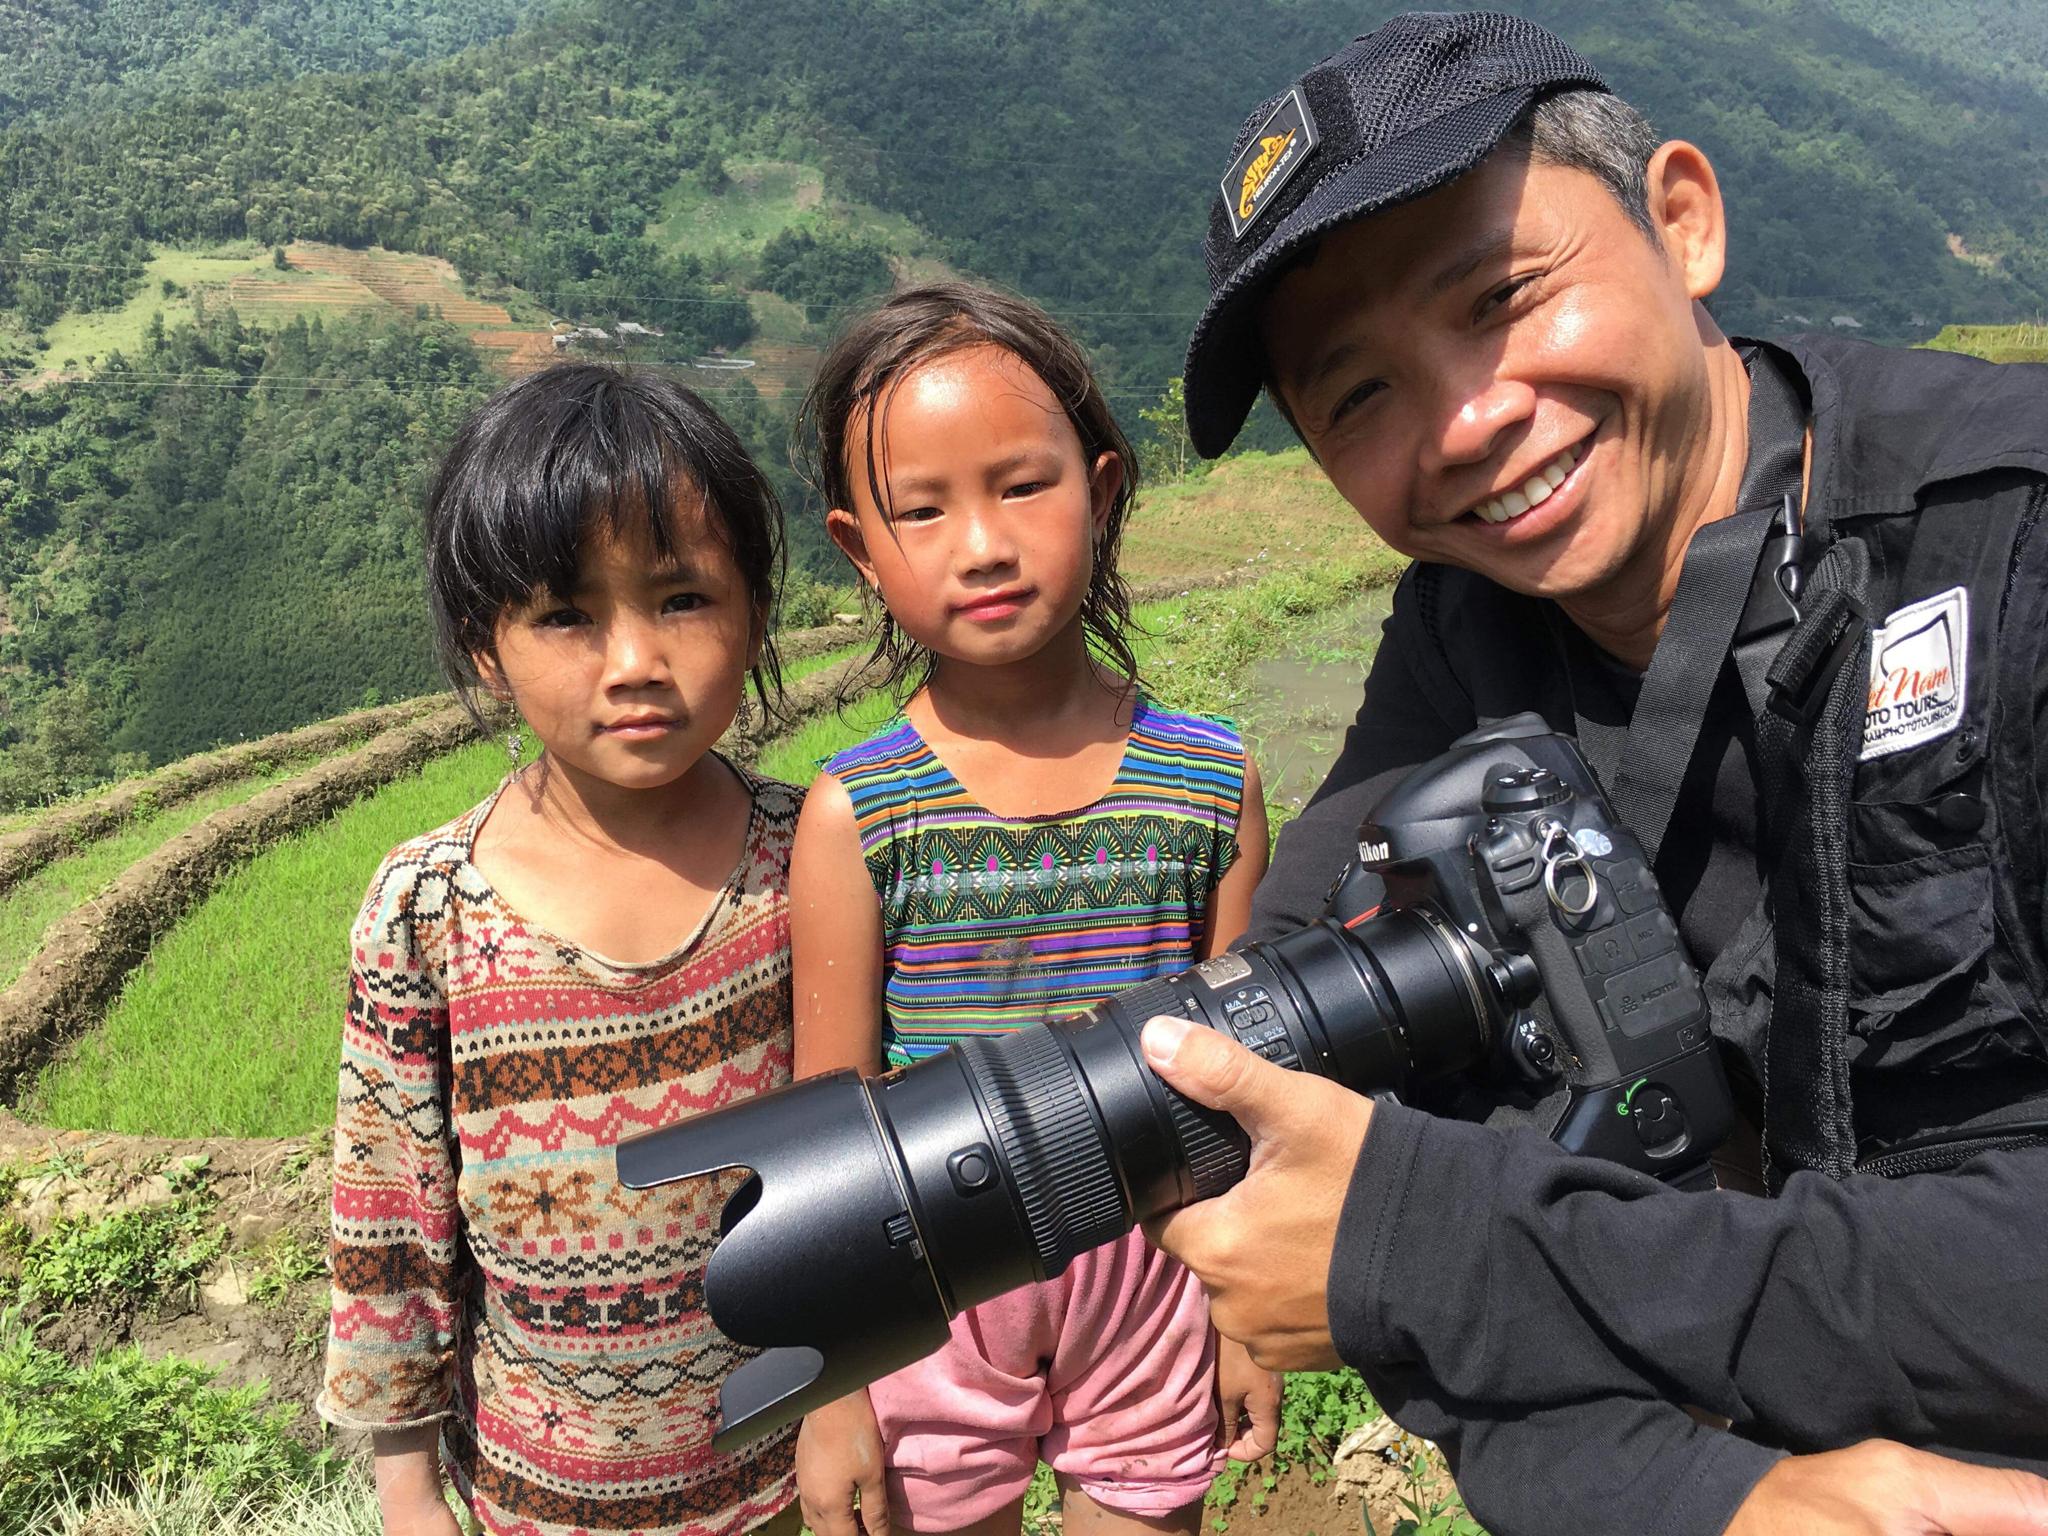 Kids in rural area of Vietnam